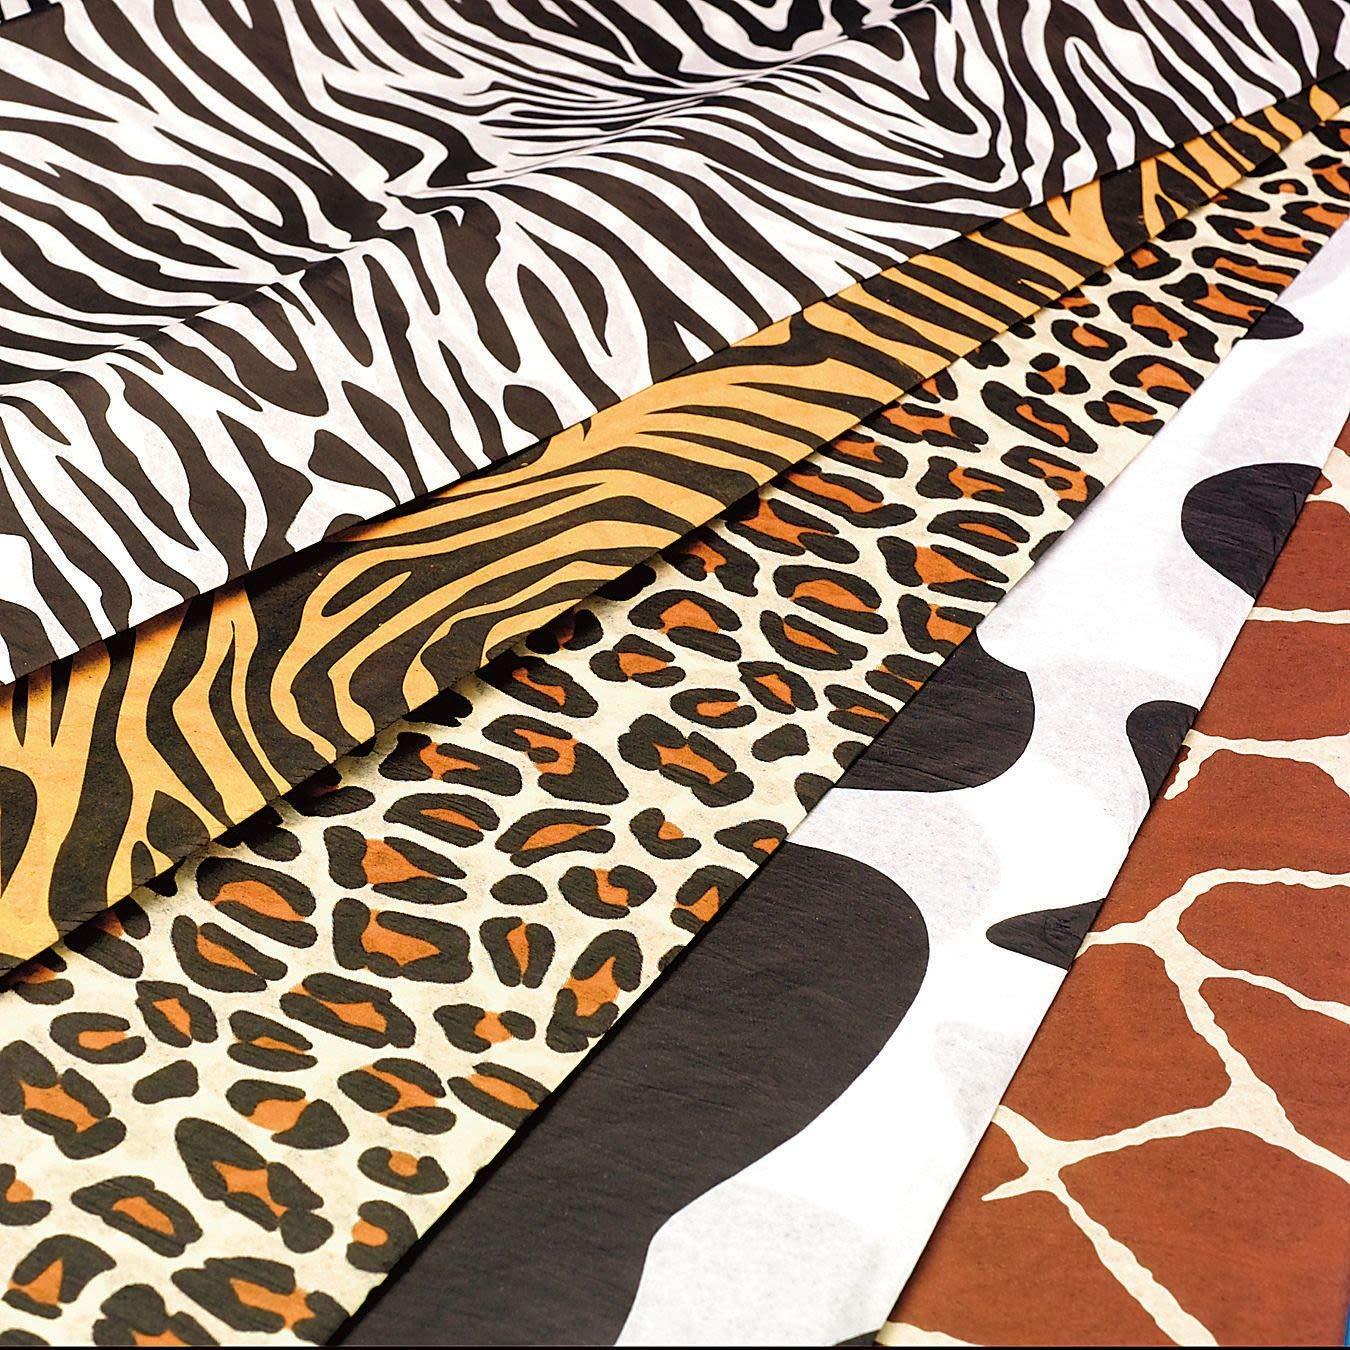 Zebra Striped Tissue Paper